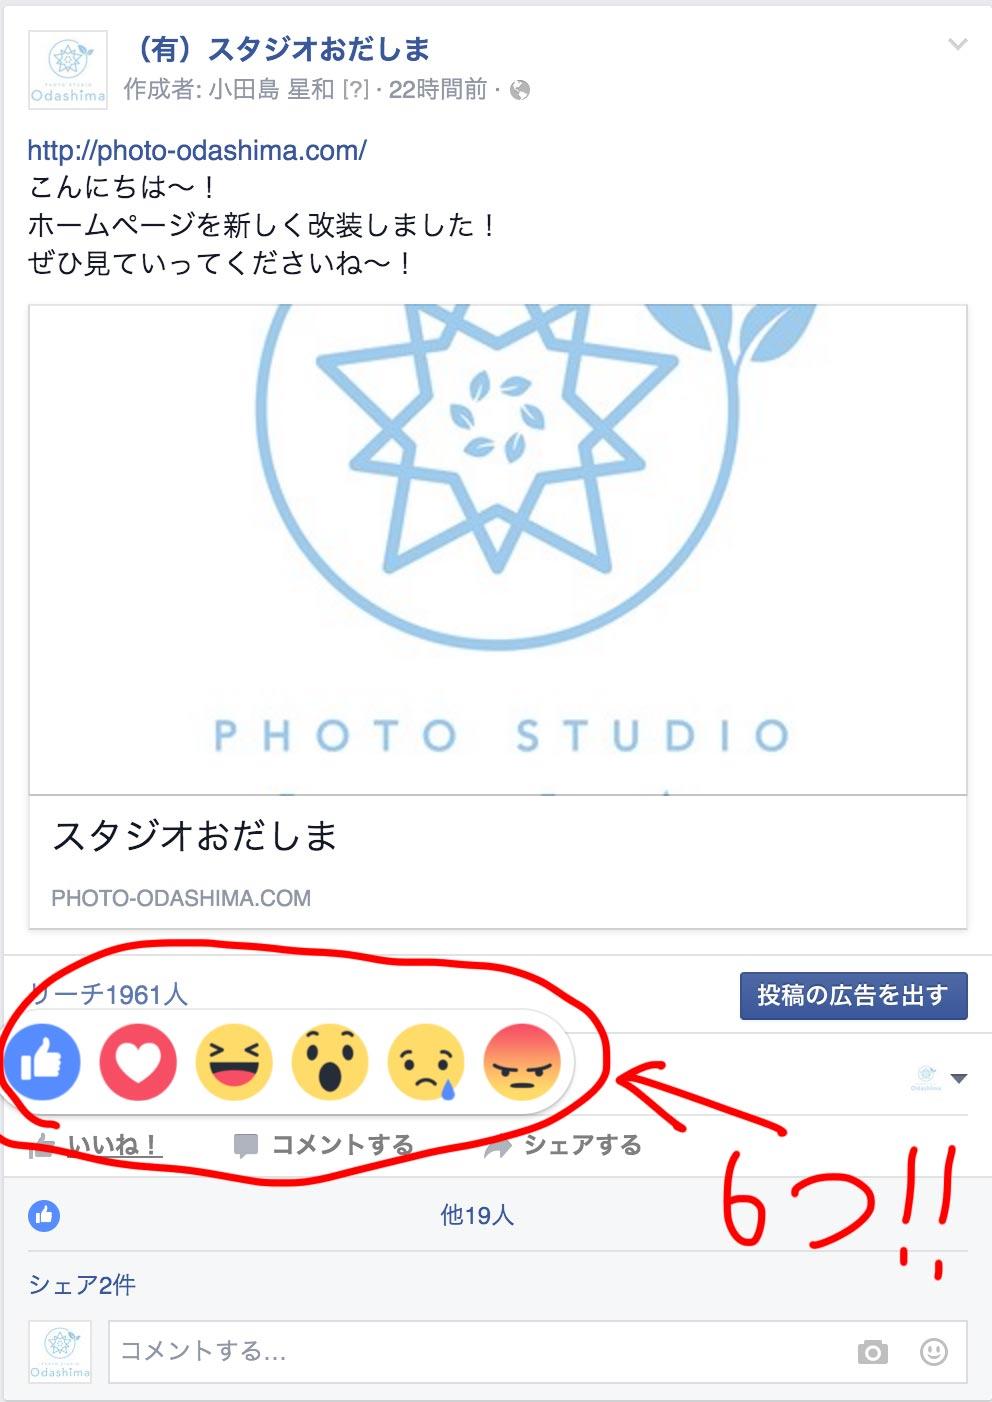 facebookの「いいね!」ボタン